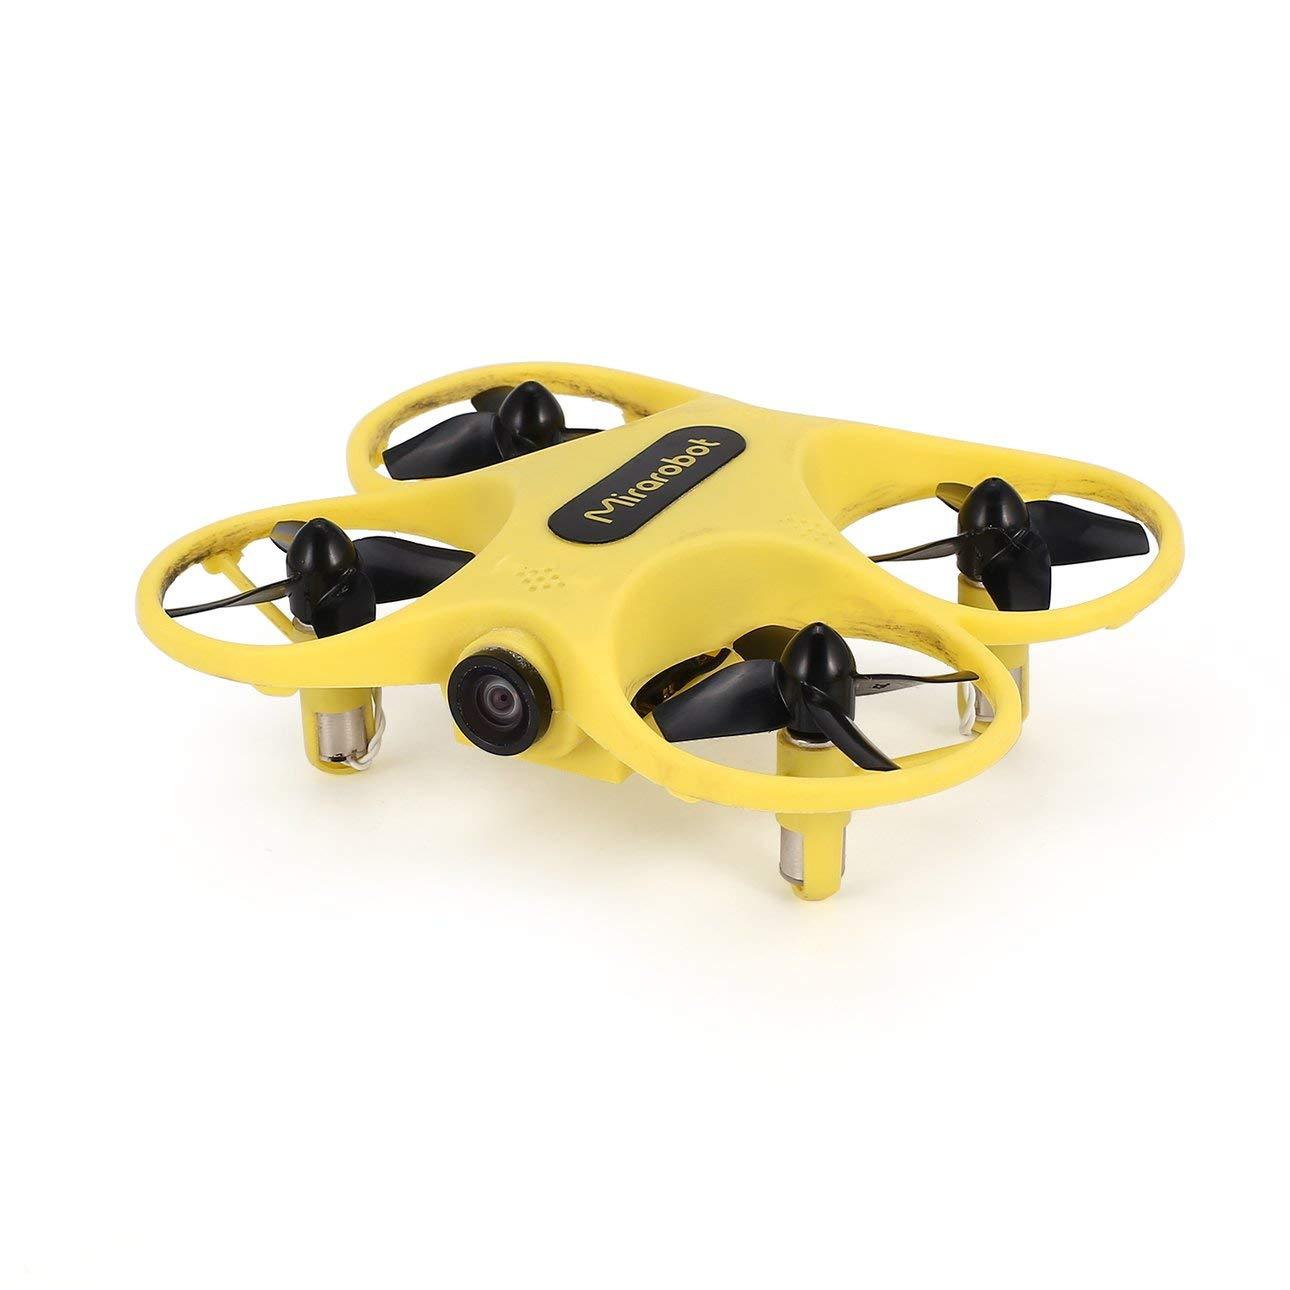 promociones emocionantes Ballylelly Drone Mirarobot S60 5.8G 25mW 600TVL Cámara Tiny Micro Micro Micro Indoor FPV RC Racing Drone  alto descuento